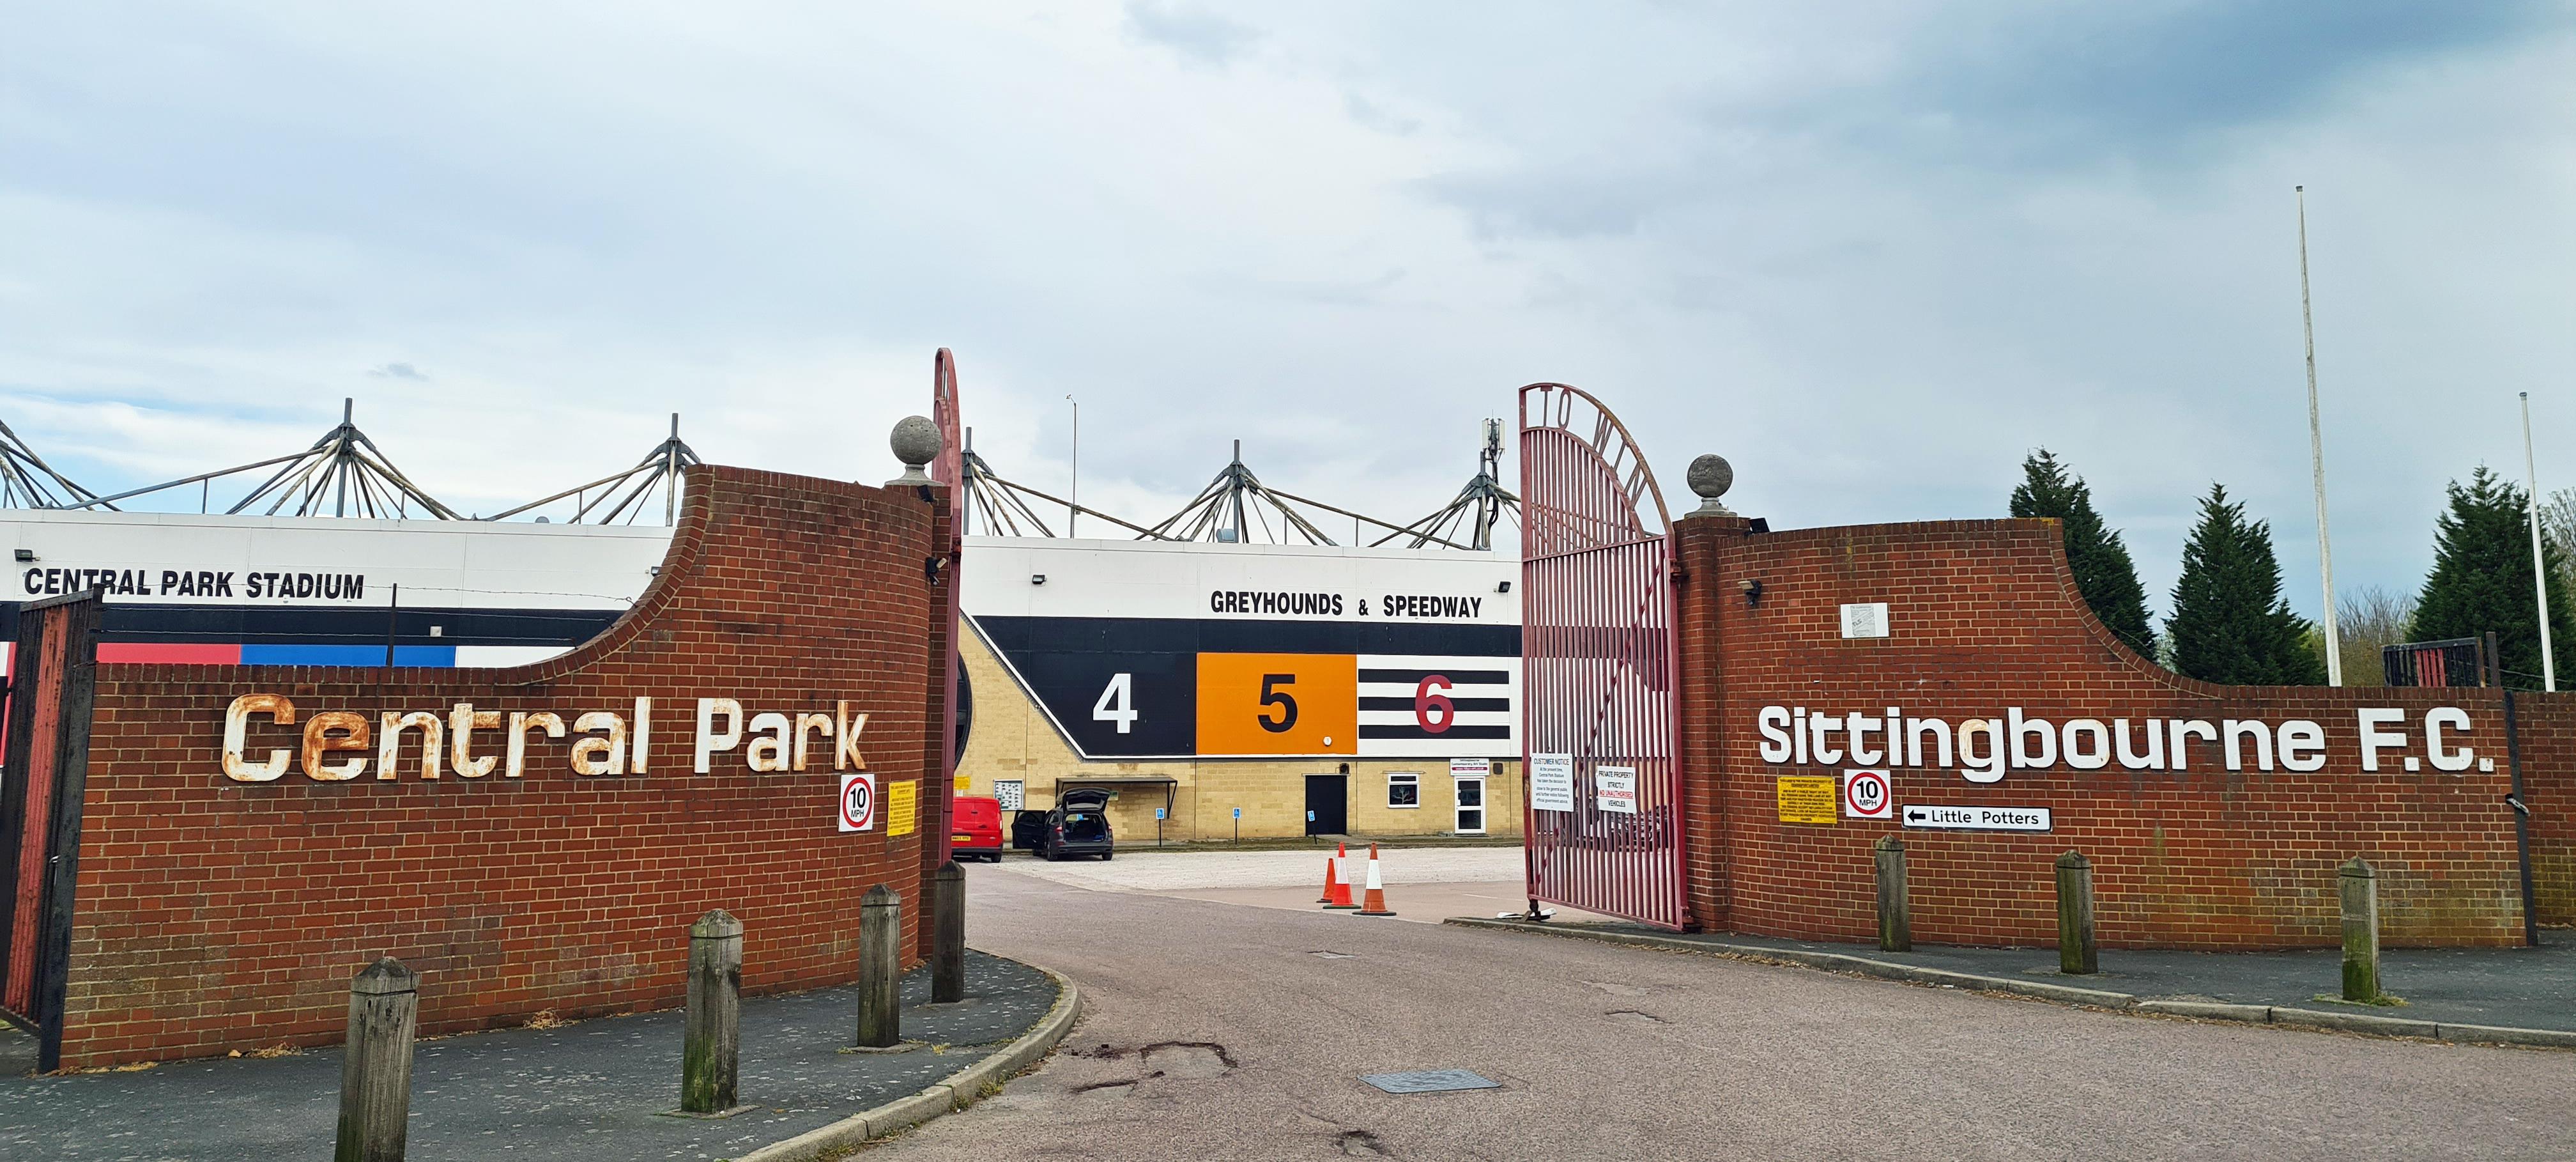 Central Park Stadium, Sittingbourne